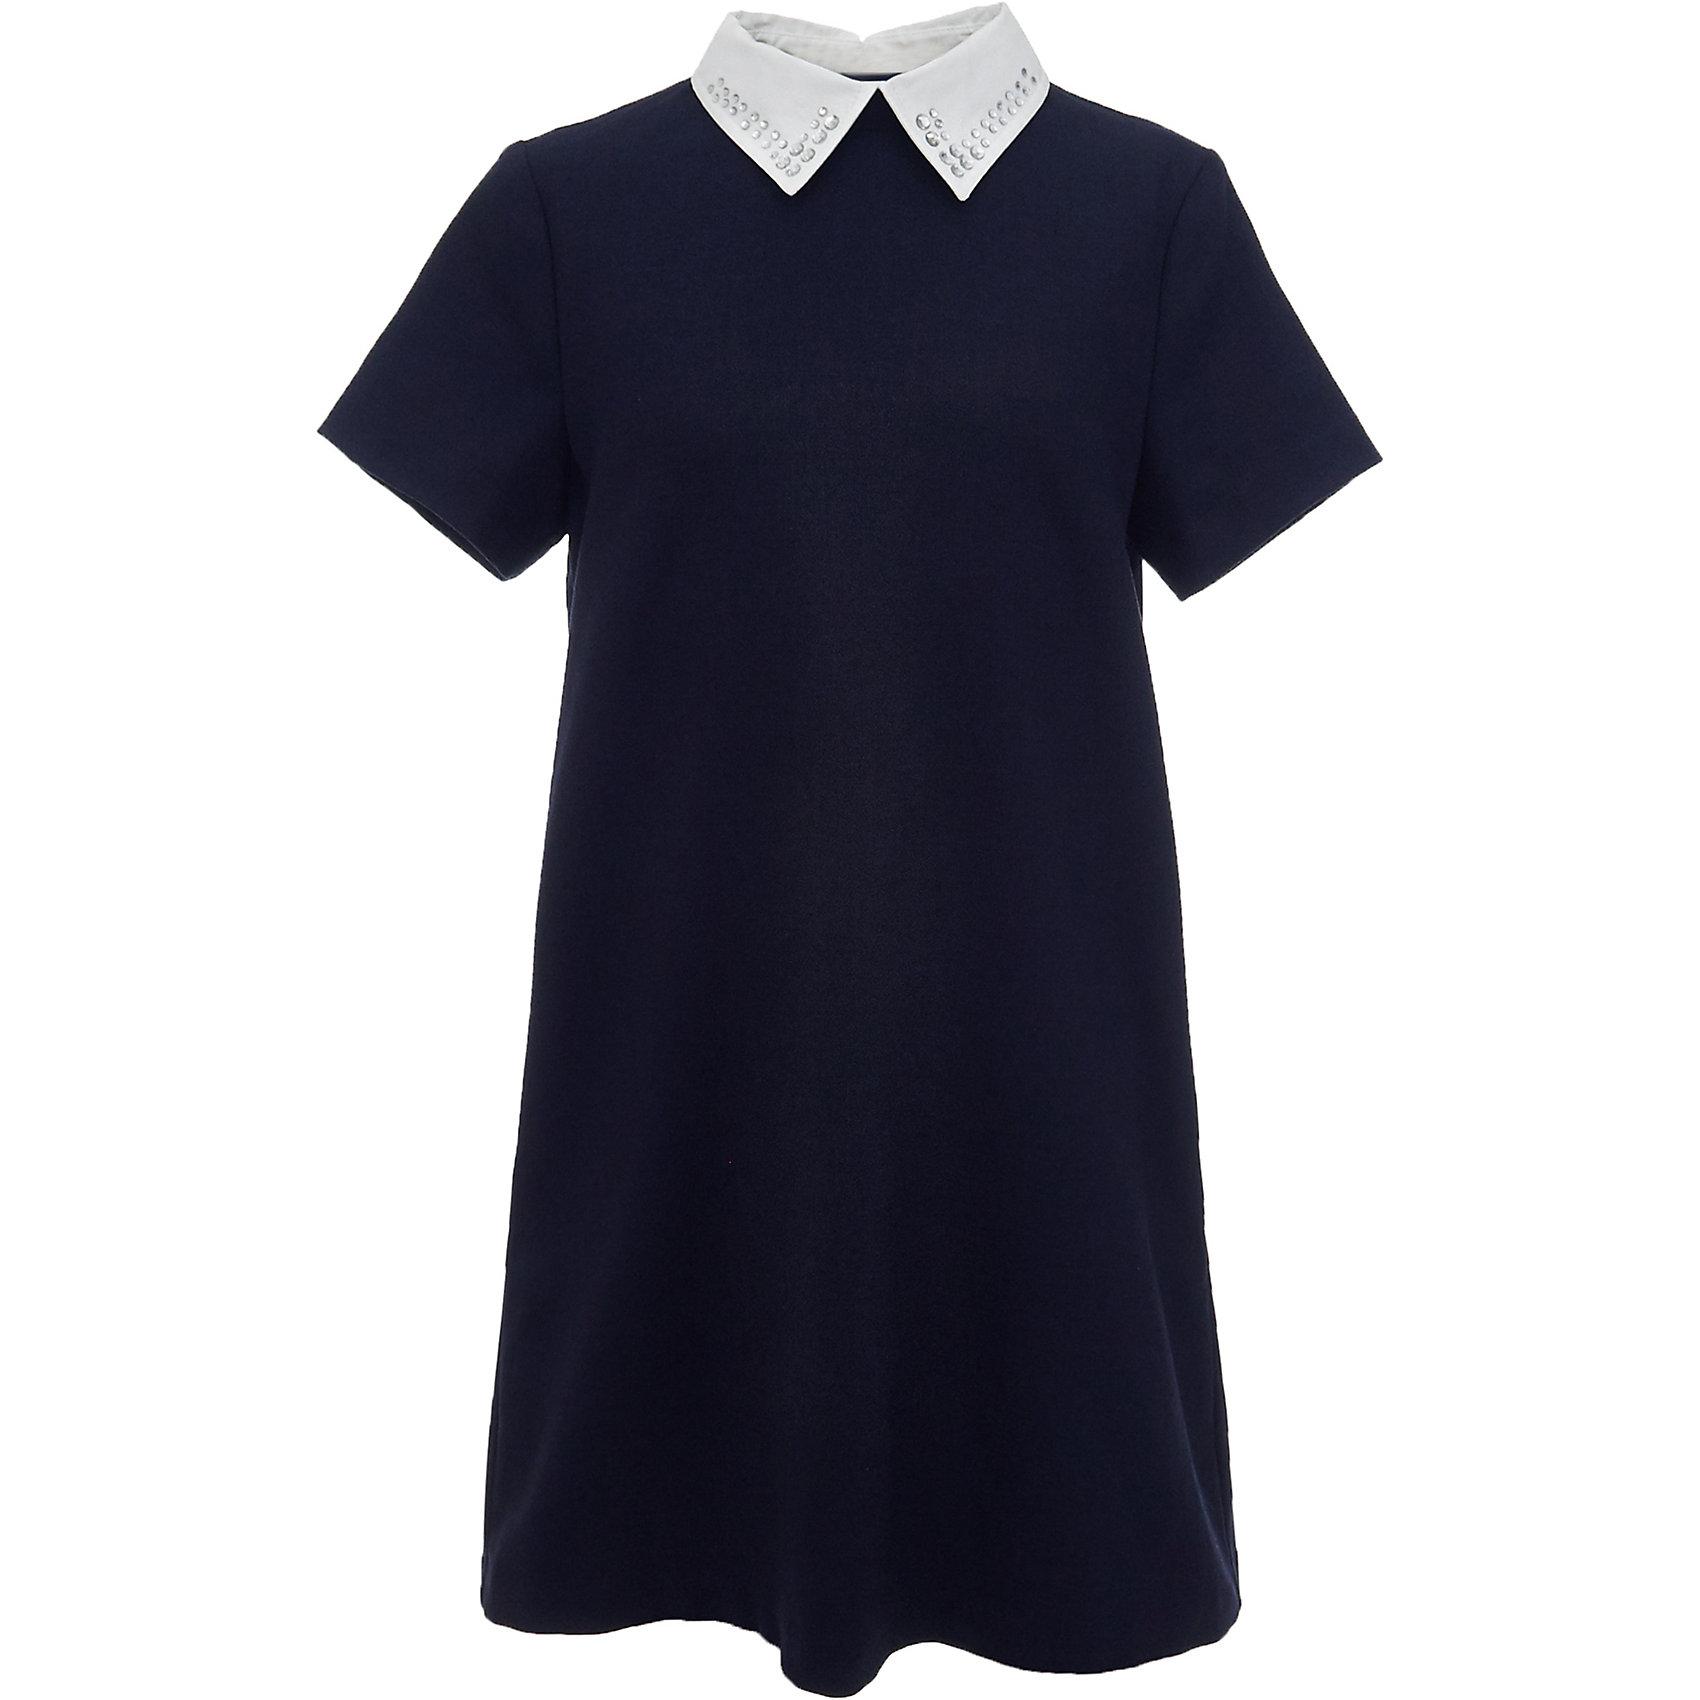 Платье для девочки GulliverПлатья и сарафаны<br>Строгое синее школьное платье! Что может лучше отражать деловой дресс-код учебных заведений? Плотная мягкая ткань, легкий трапециевидный силуэт, отстегивающийся воротник с деликатными стразами, карманы в боковых швах. Именно такими и должны быть модные школьные платья - красивыми, комфортными и элегантными. Купить школьное платье можно с кедами или кроссовками. Этот стилевой микс придаст образу динамичности и остроты.<br>Состав:<br>верх: 58% полиэстер 31% вискоза 10% шерсть 1% эластан; подкладка: 52% полиэстер 48% вискоза<br><br>Ширина мм: 236<br>Глубина мм: 16<br>Высота мм: 184<br>Вес г: 177<br>Цвет: синий<br>Возраст от месяцев: 168<br>Возраст до месяцев: 180<br>Пол: Женский<br>Возраст: Детский<br>Размер: 170,122,128,134,140,146,152,158,164<br>SKU: 6678826